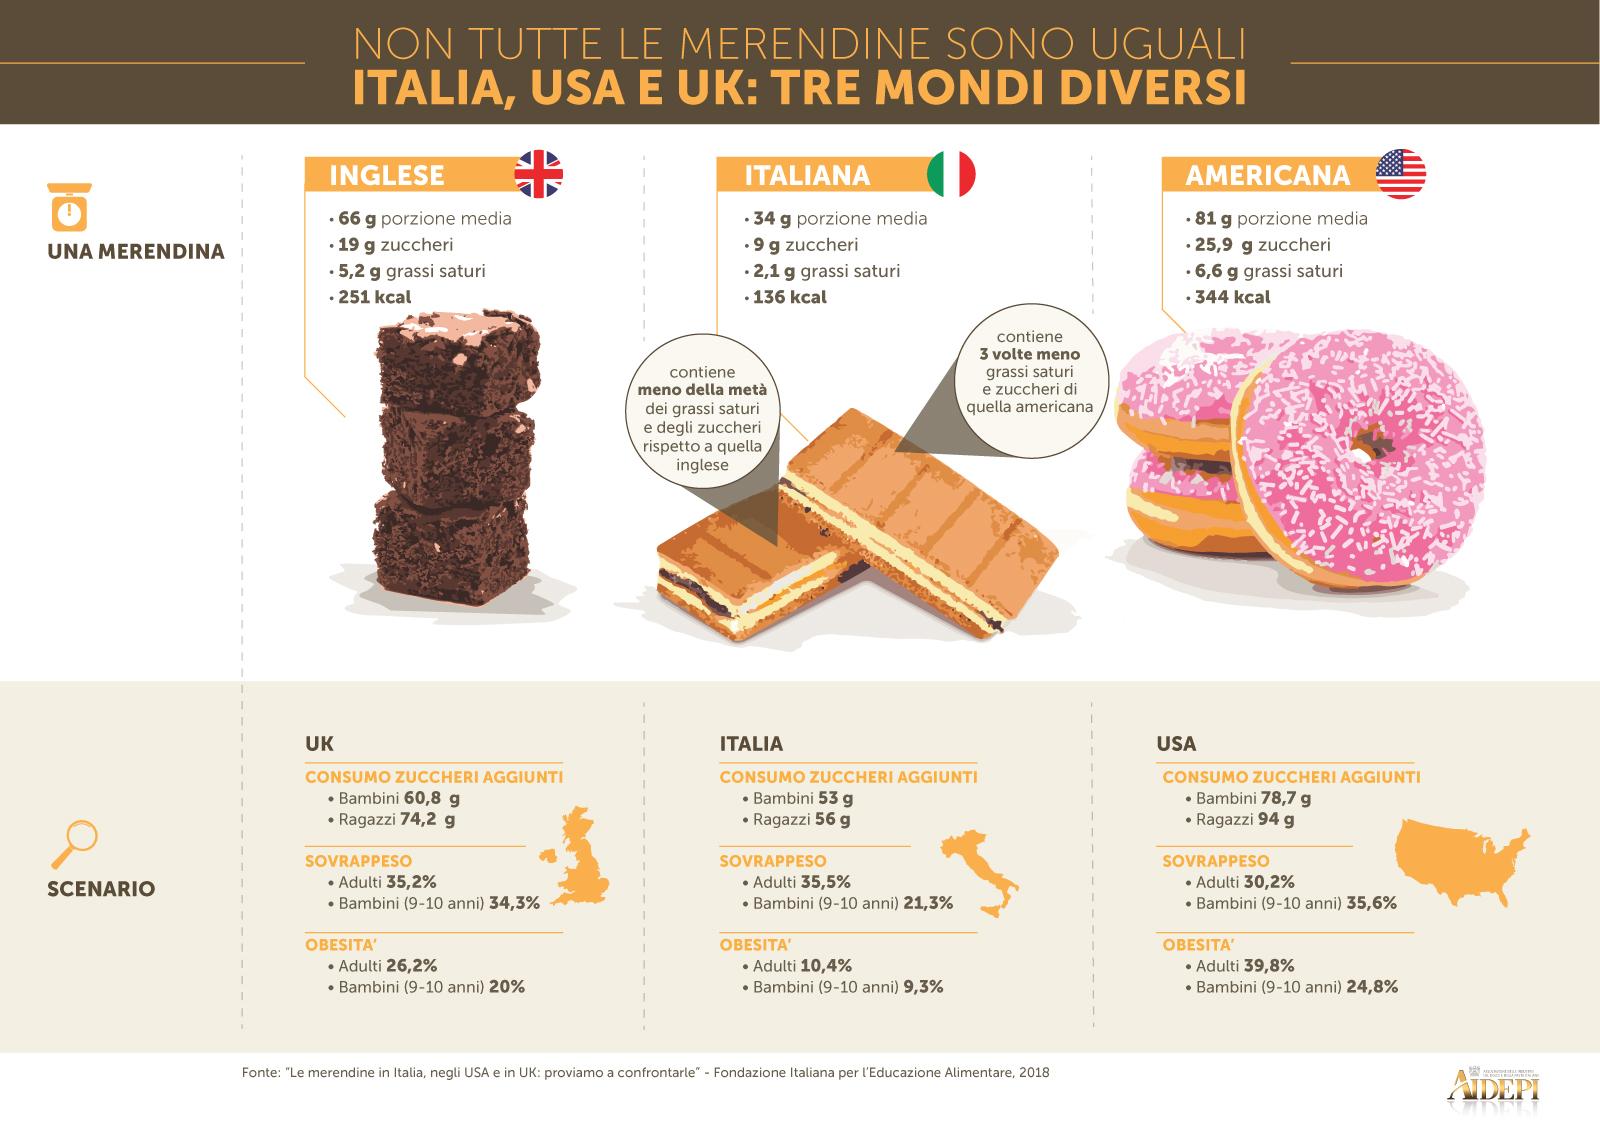 le Merendine in Italia, Usa e Uk a Confronto: il Made in Italy Eccelle!